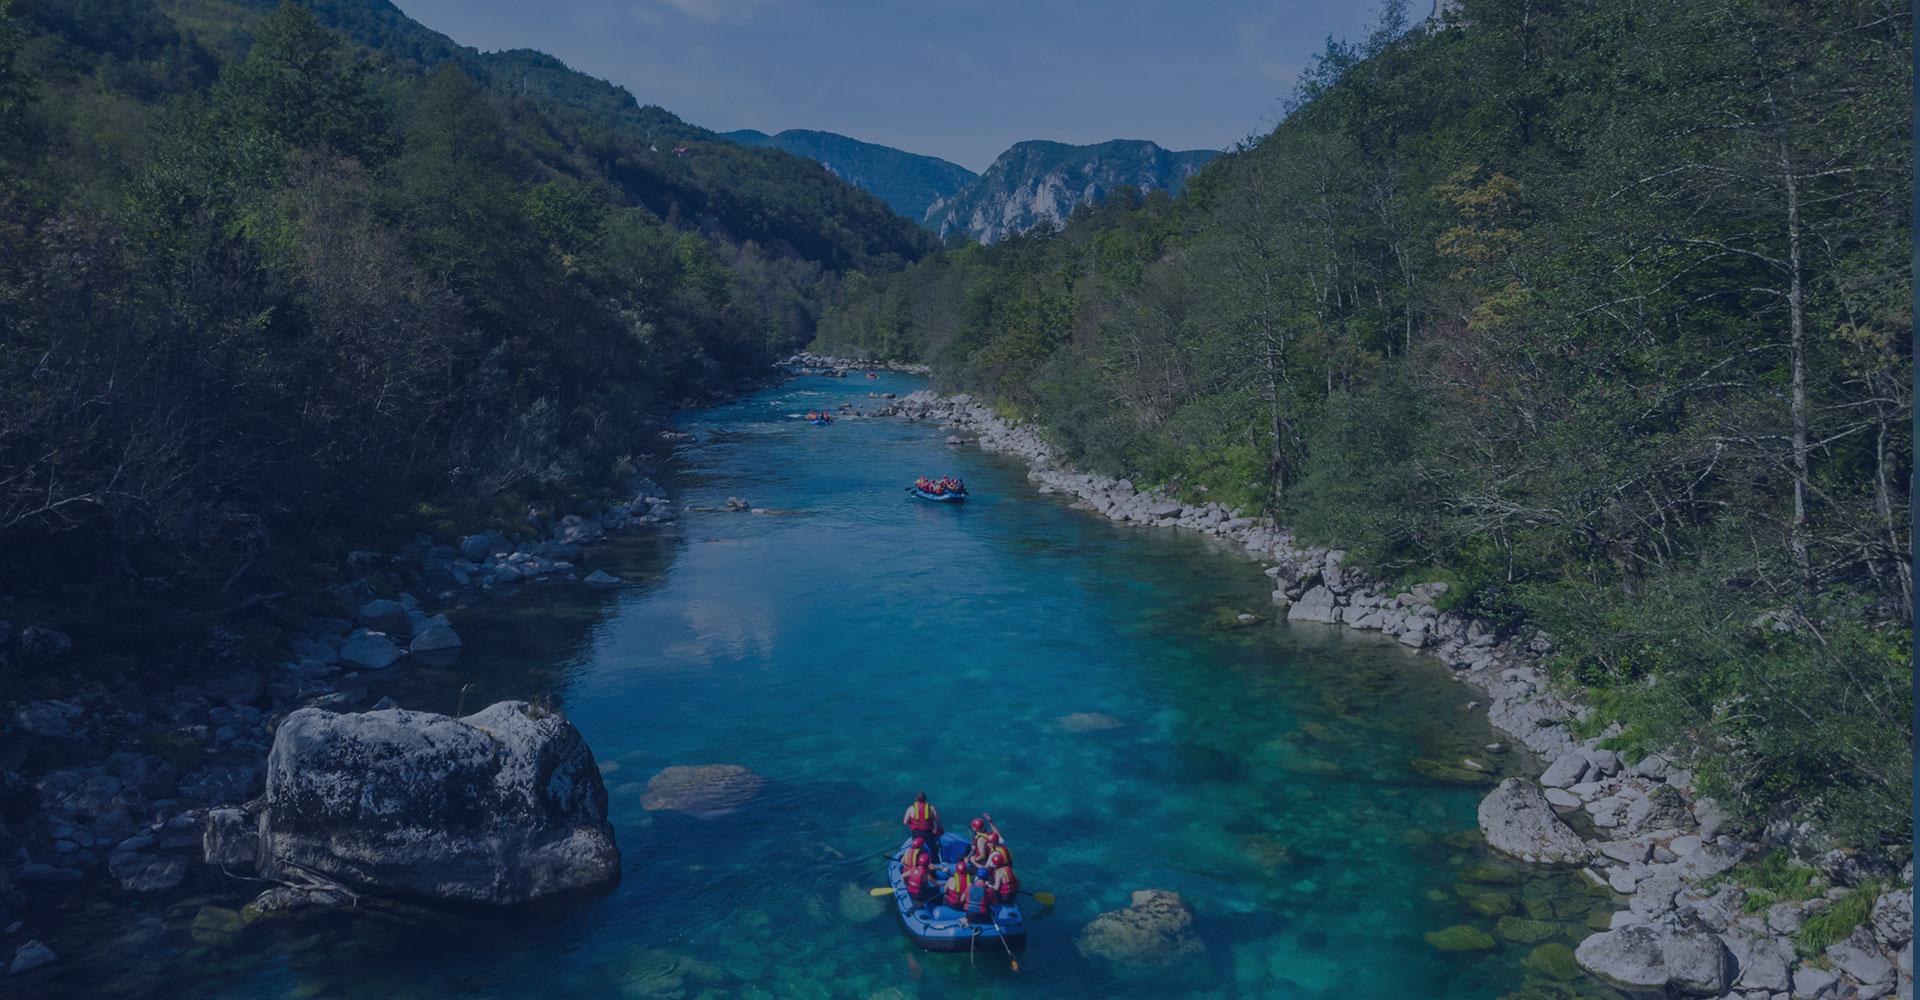 rafting tarom rafting tara rajska rijeka